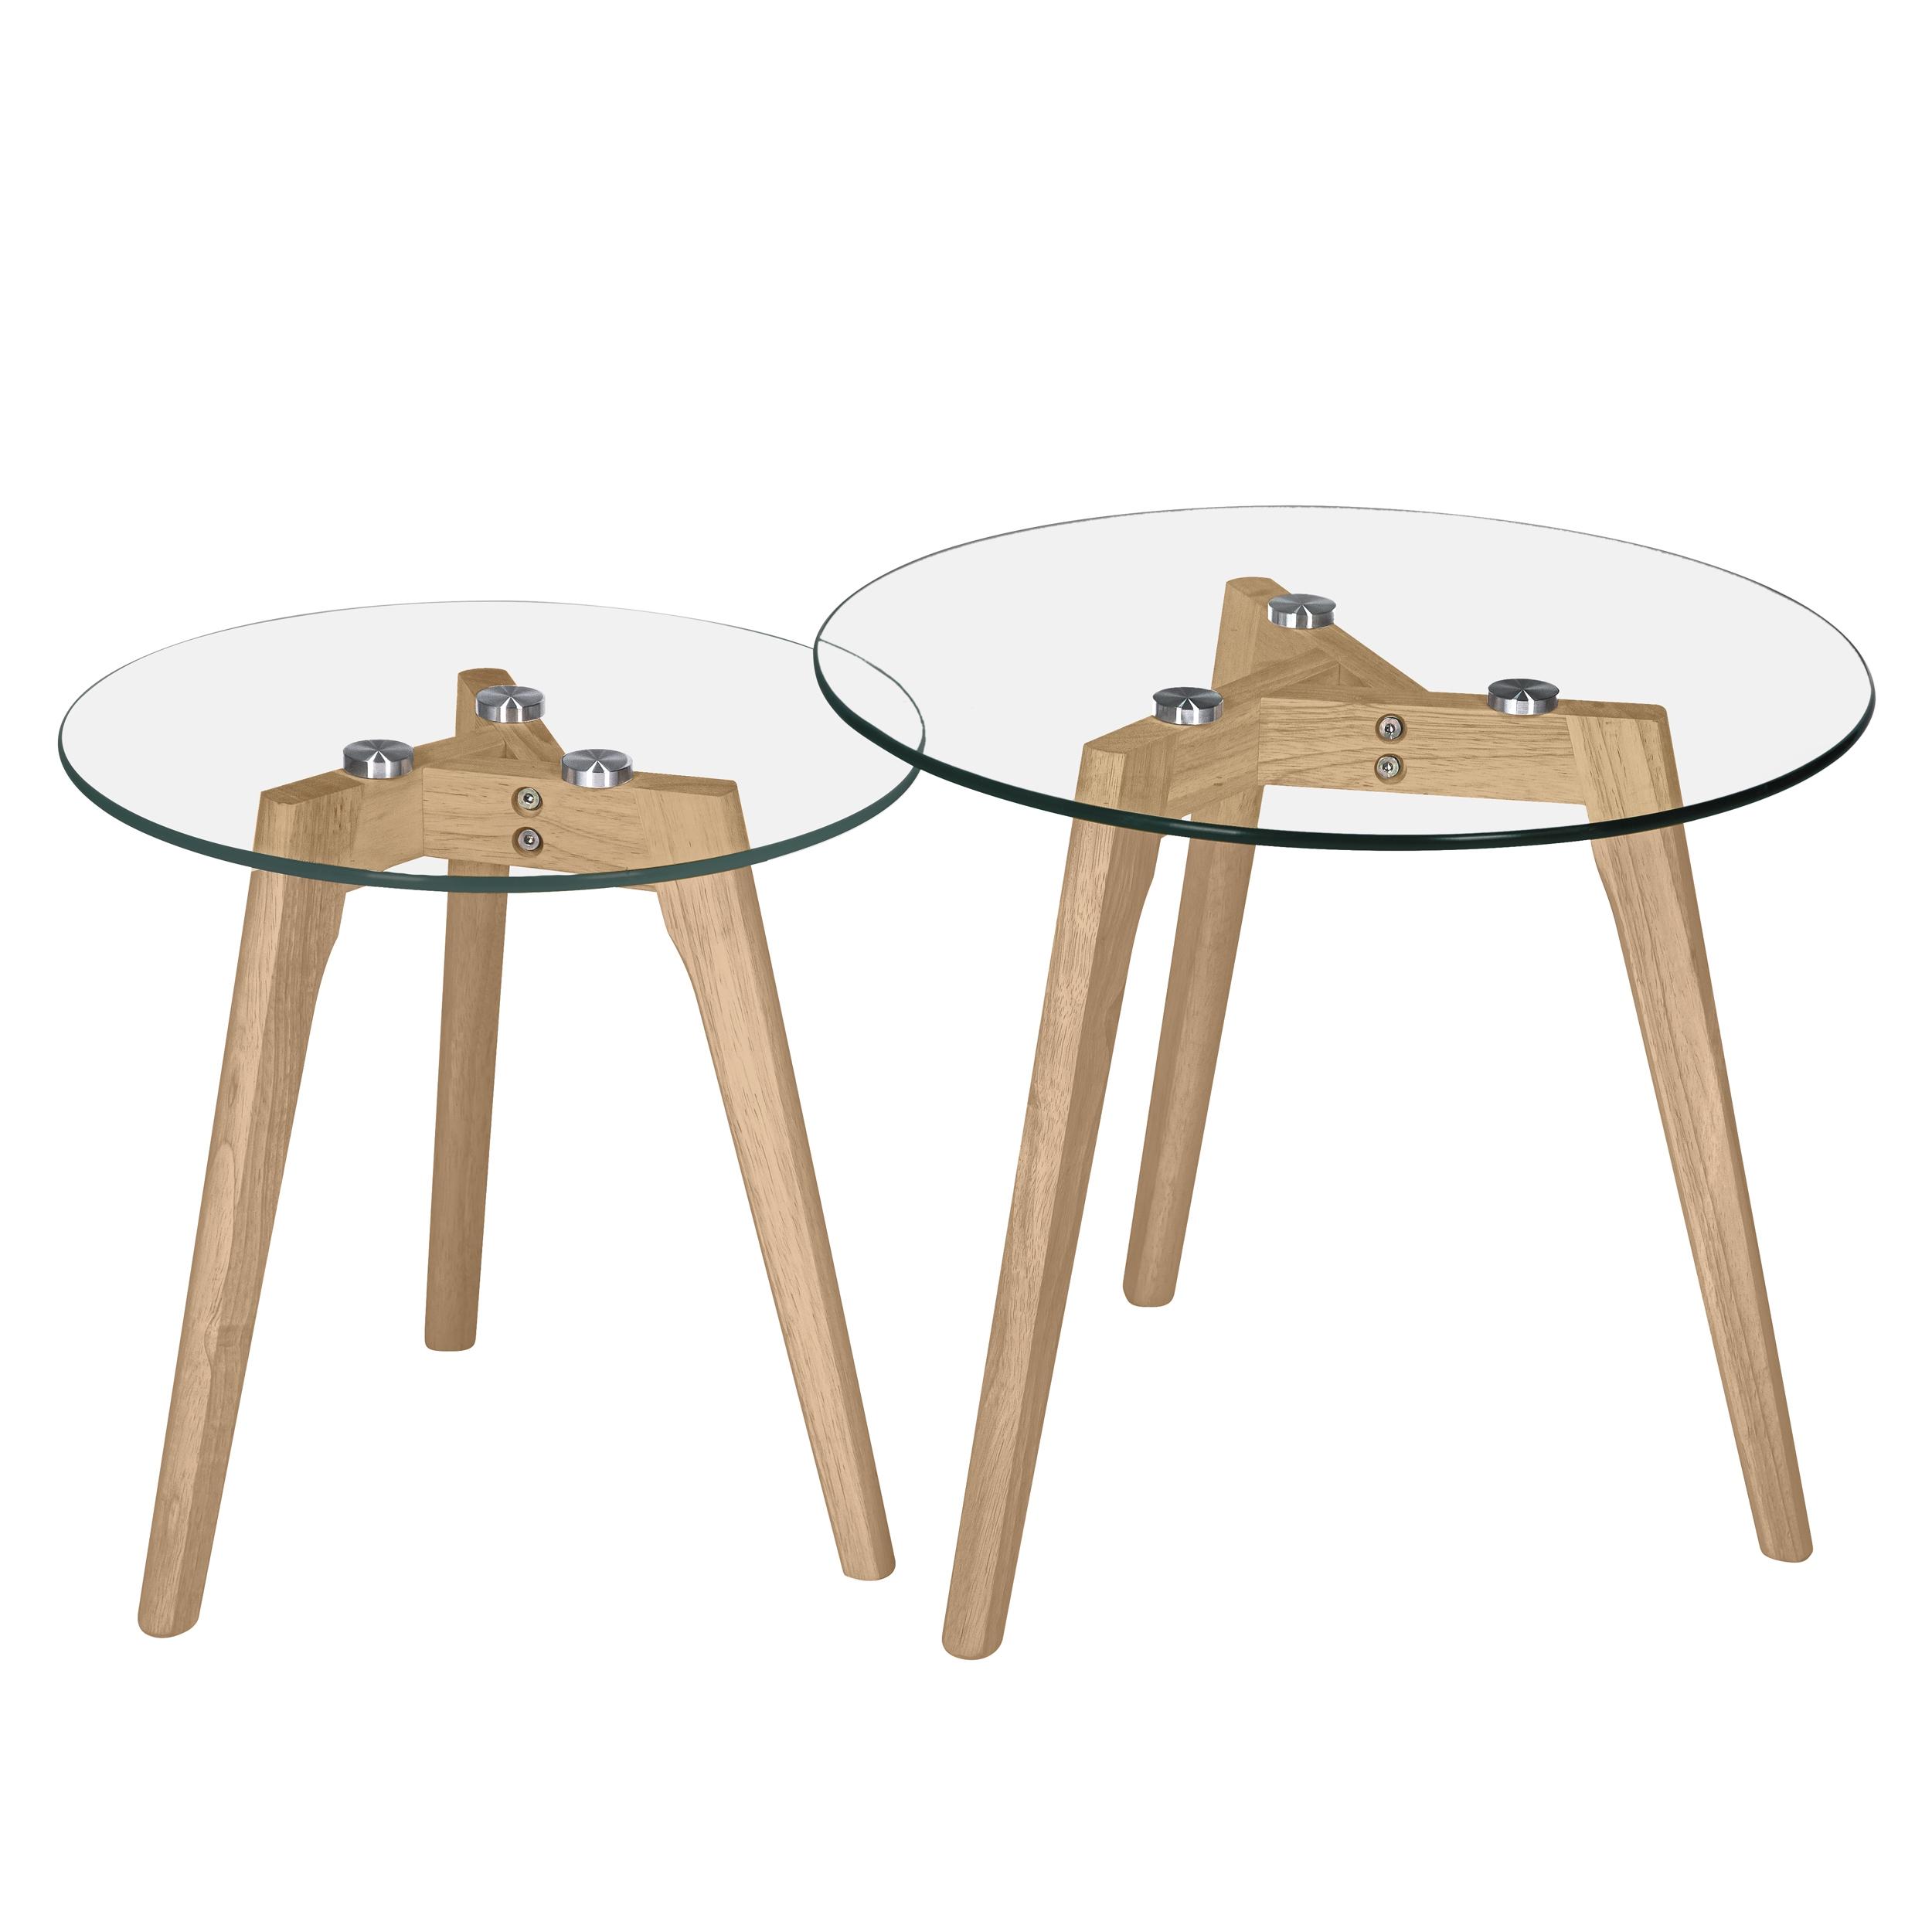 Tables basses rondes en verre et bois d'hévéa (lot de 2)